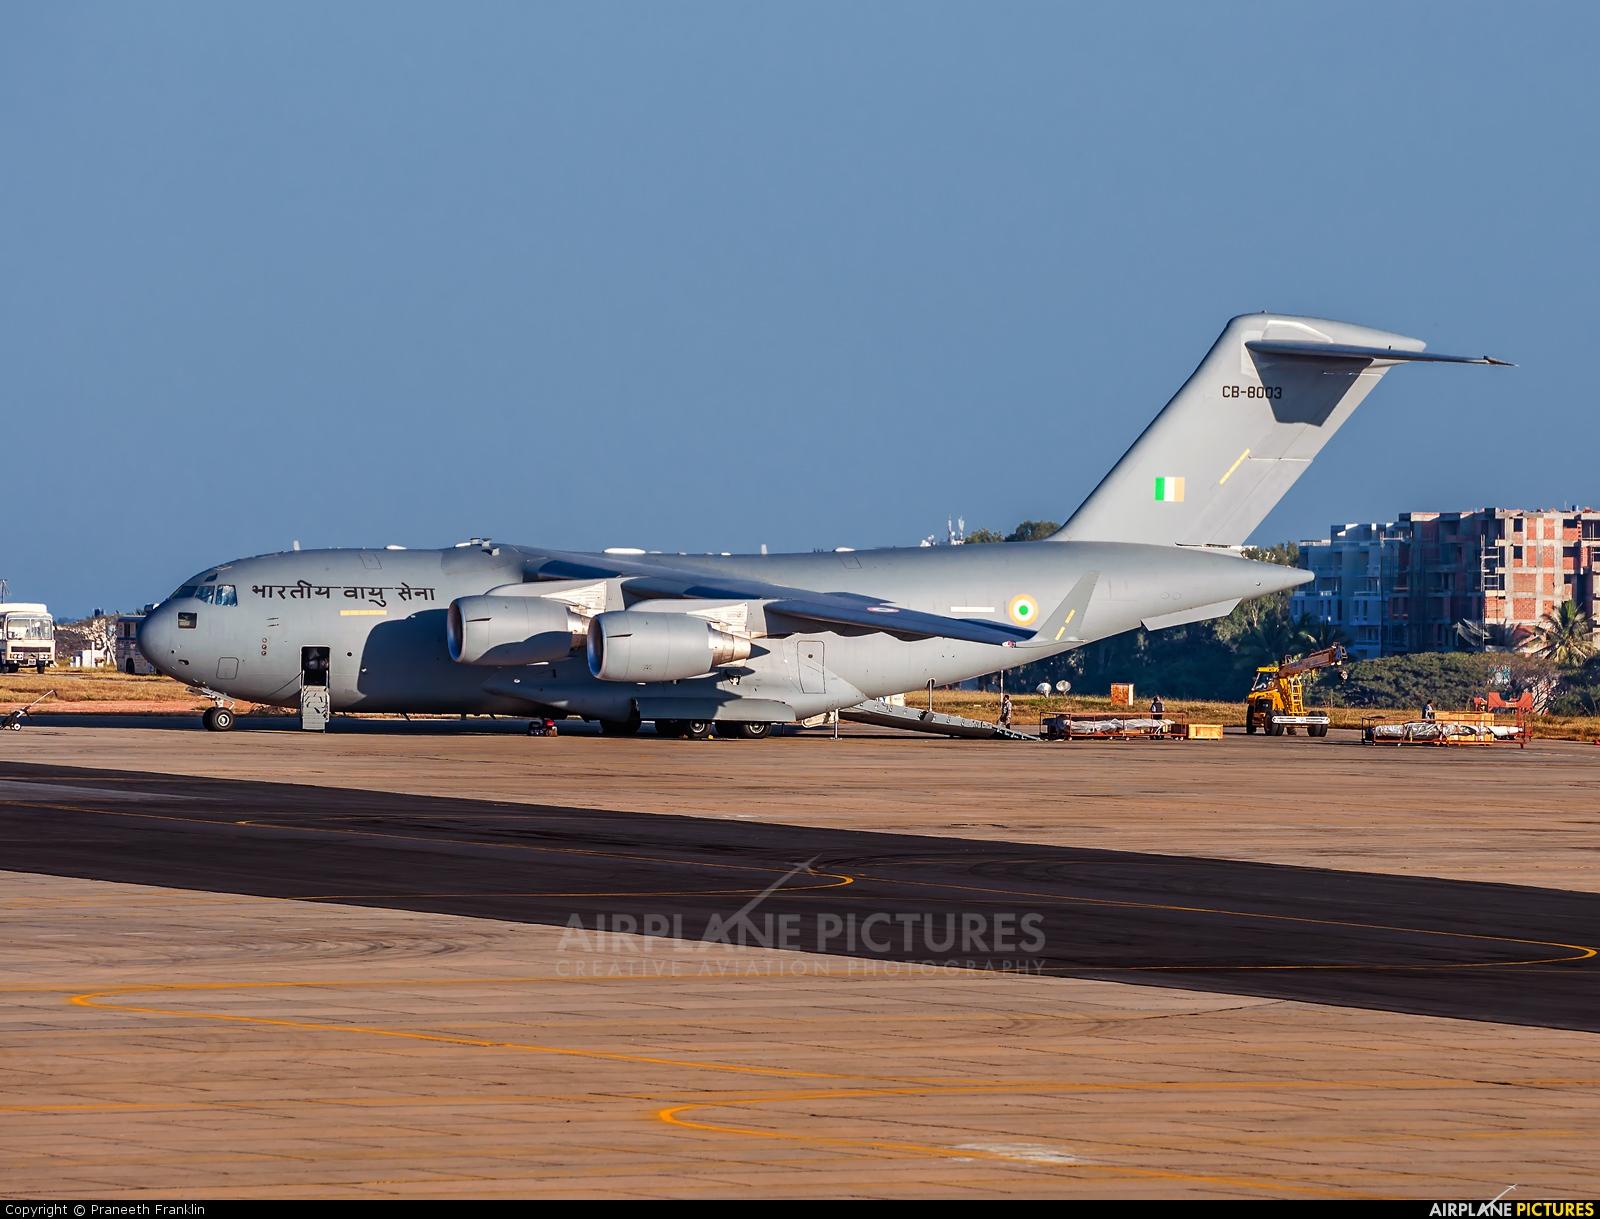 India - Air Force CB-8003 aircraft at HAL Bangalore Intl